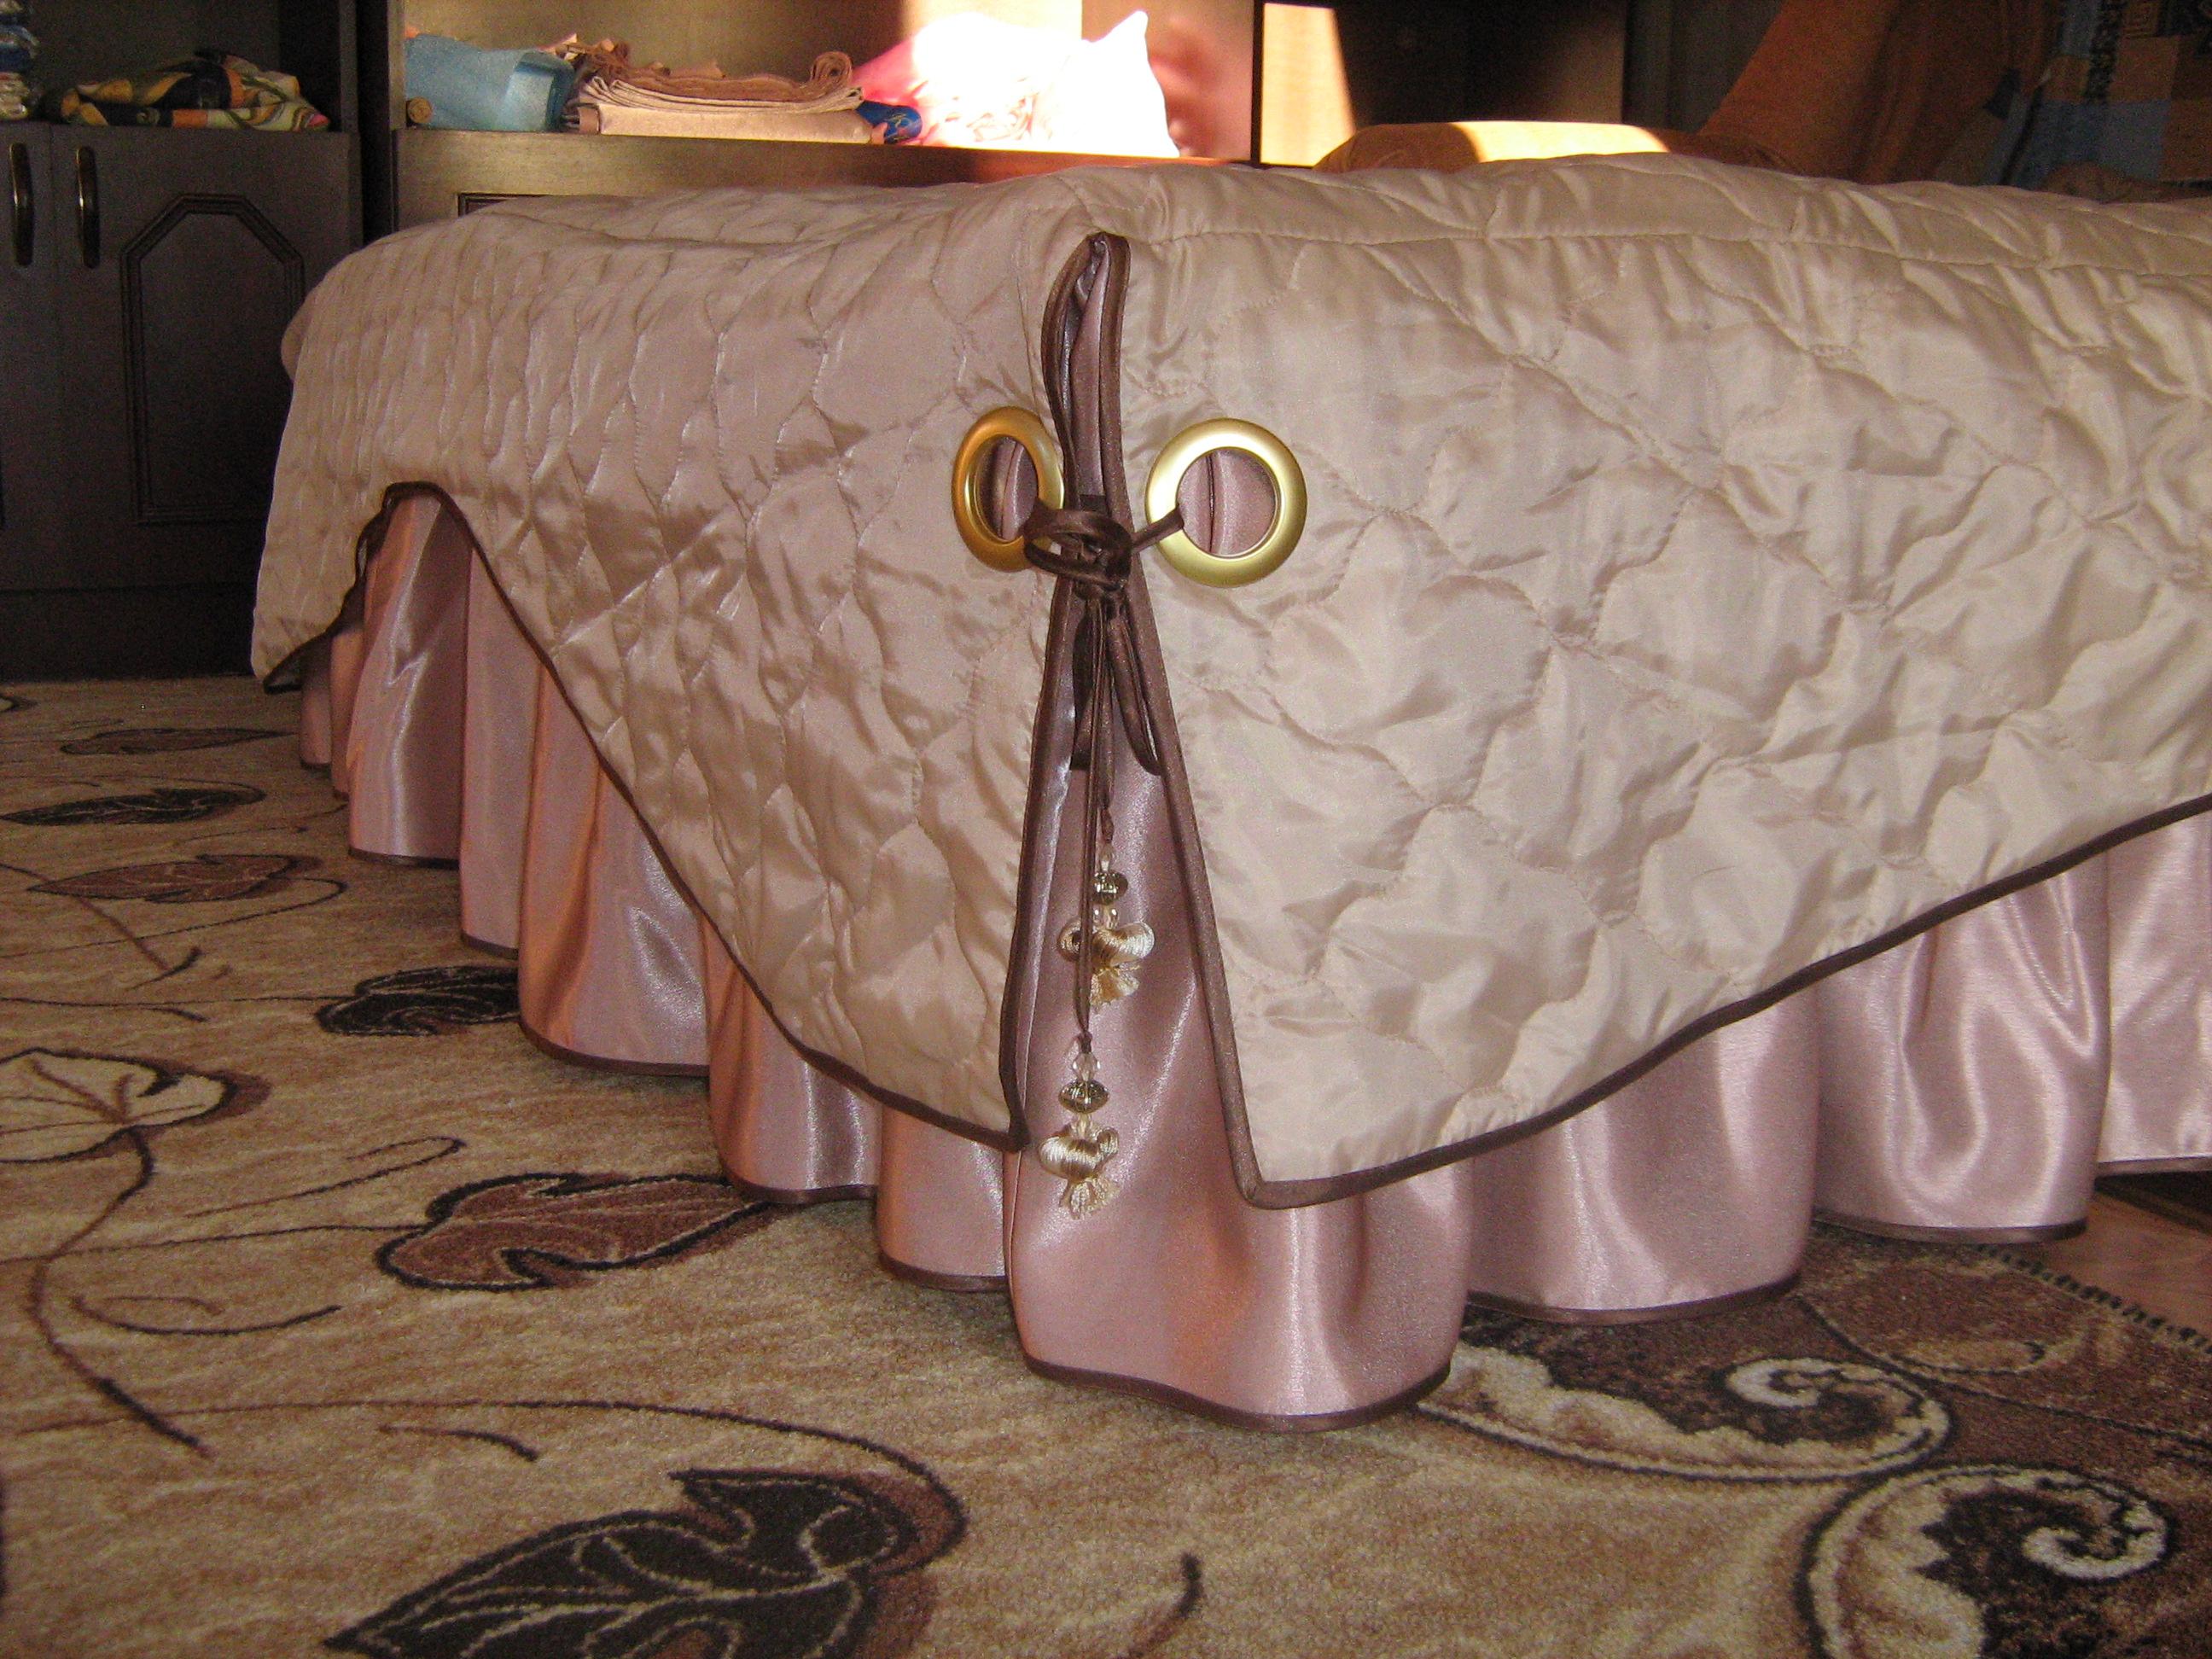 Стеганое покрывало на кровать: критерии выбора по стилям интерьера (+40 фото)